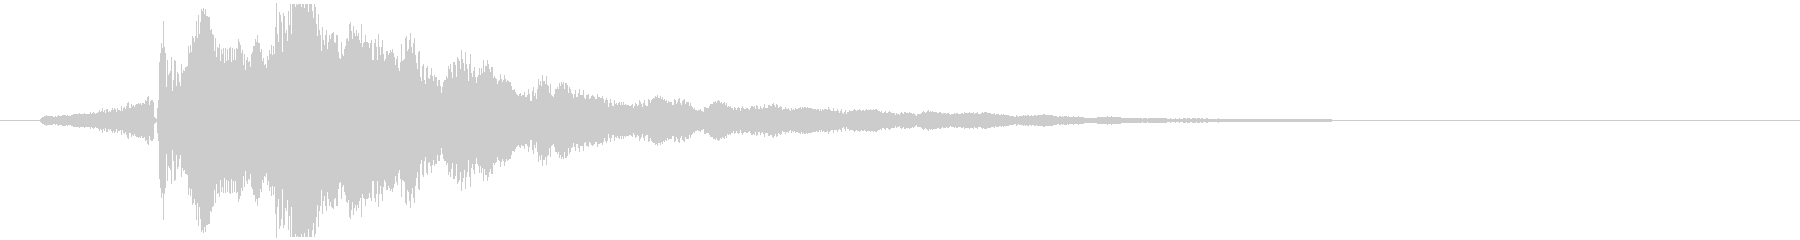 タンターン_生楽器の暗めの音程の未再生の波形